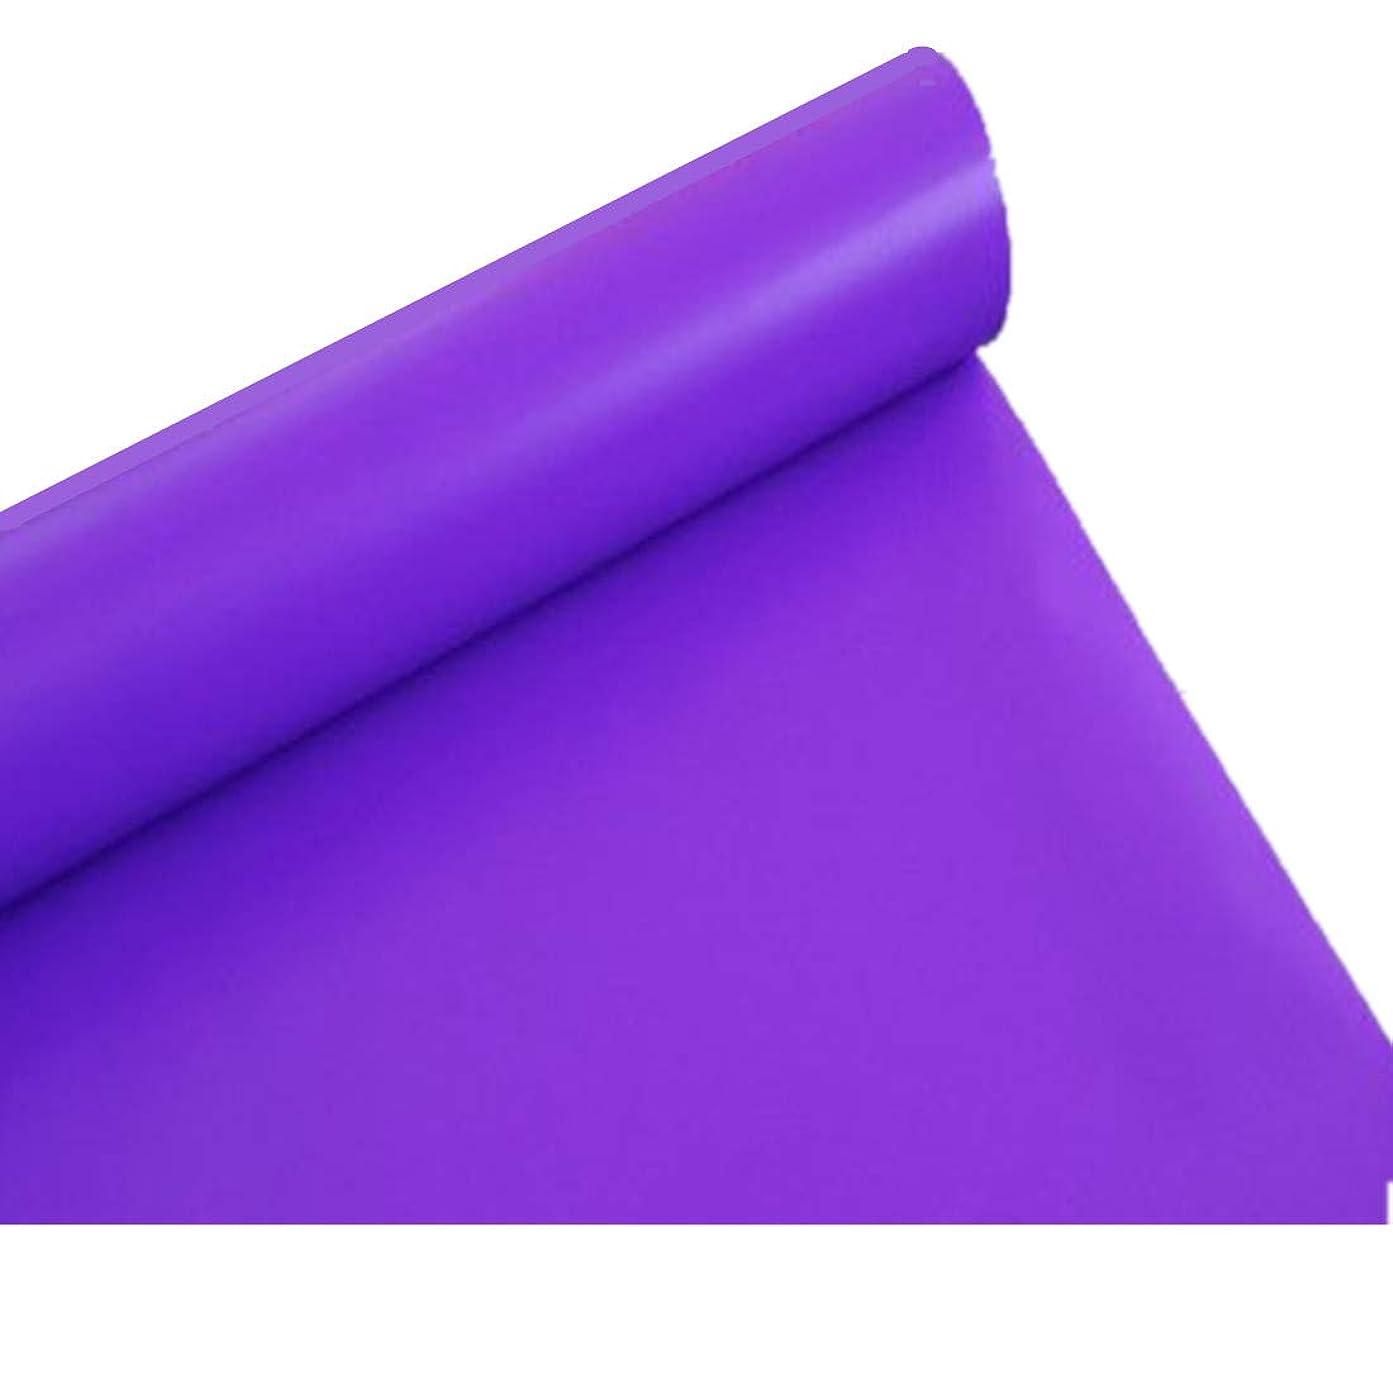 傑出した年齢パイプライン【ノーブランド品】 簡単 模様替え 防水 単色 壁紙シール 45cm幅 × 10m (パープル)